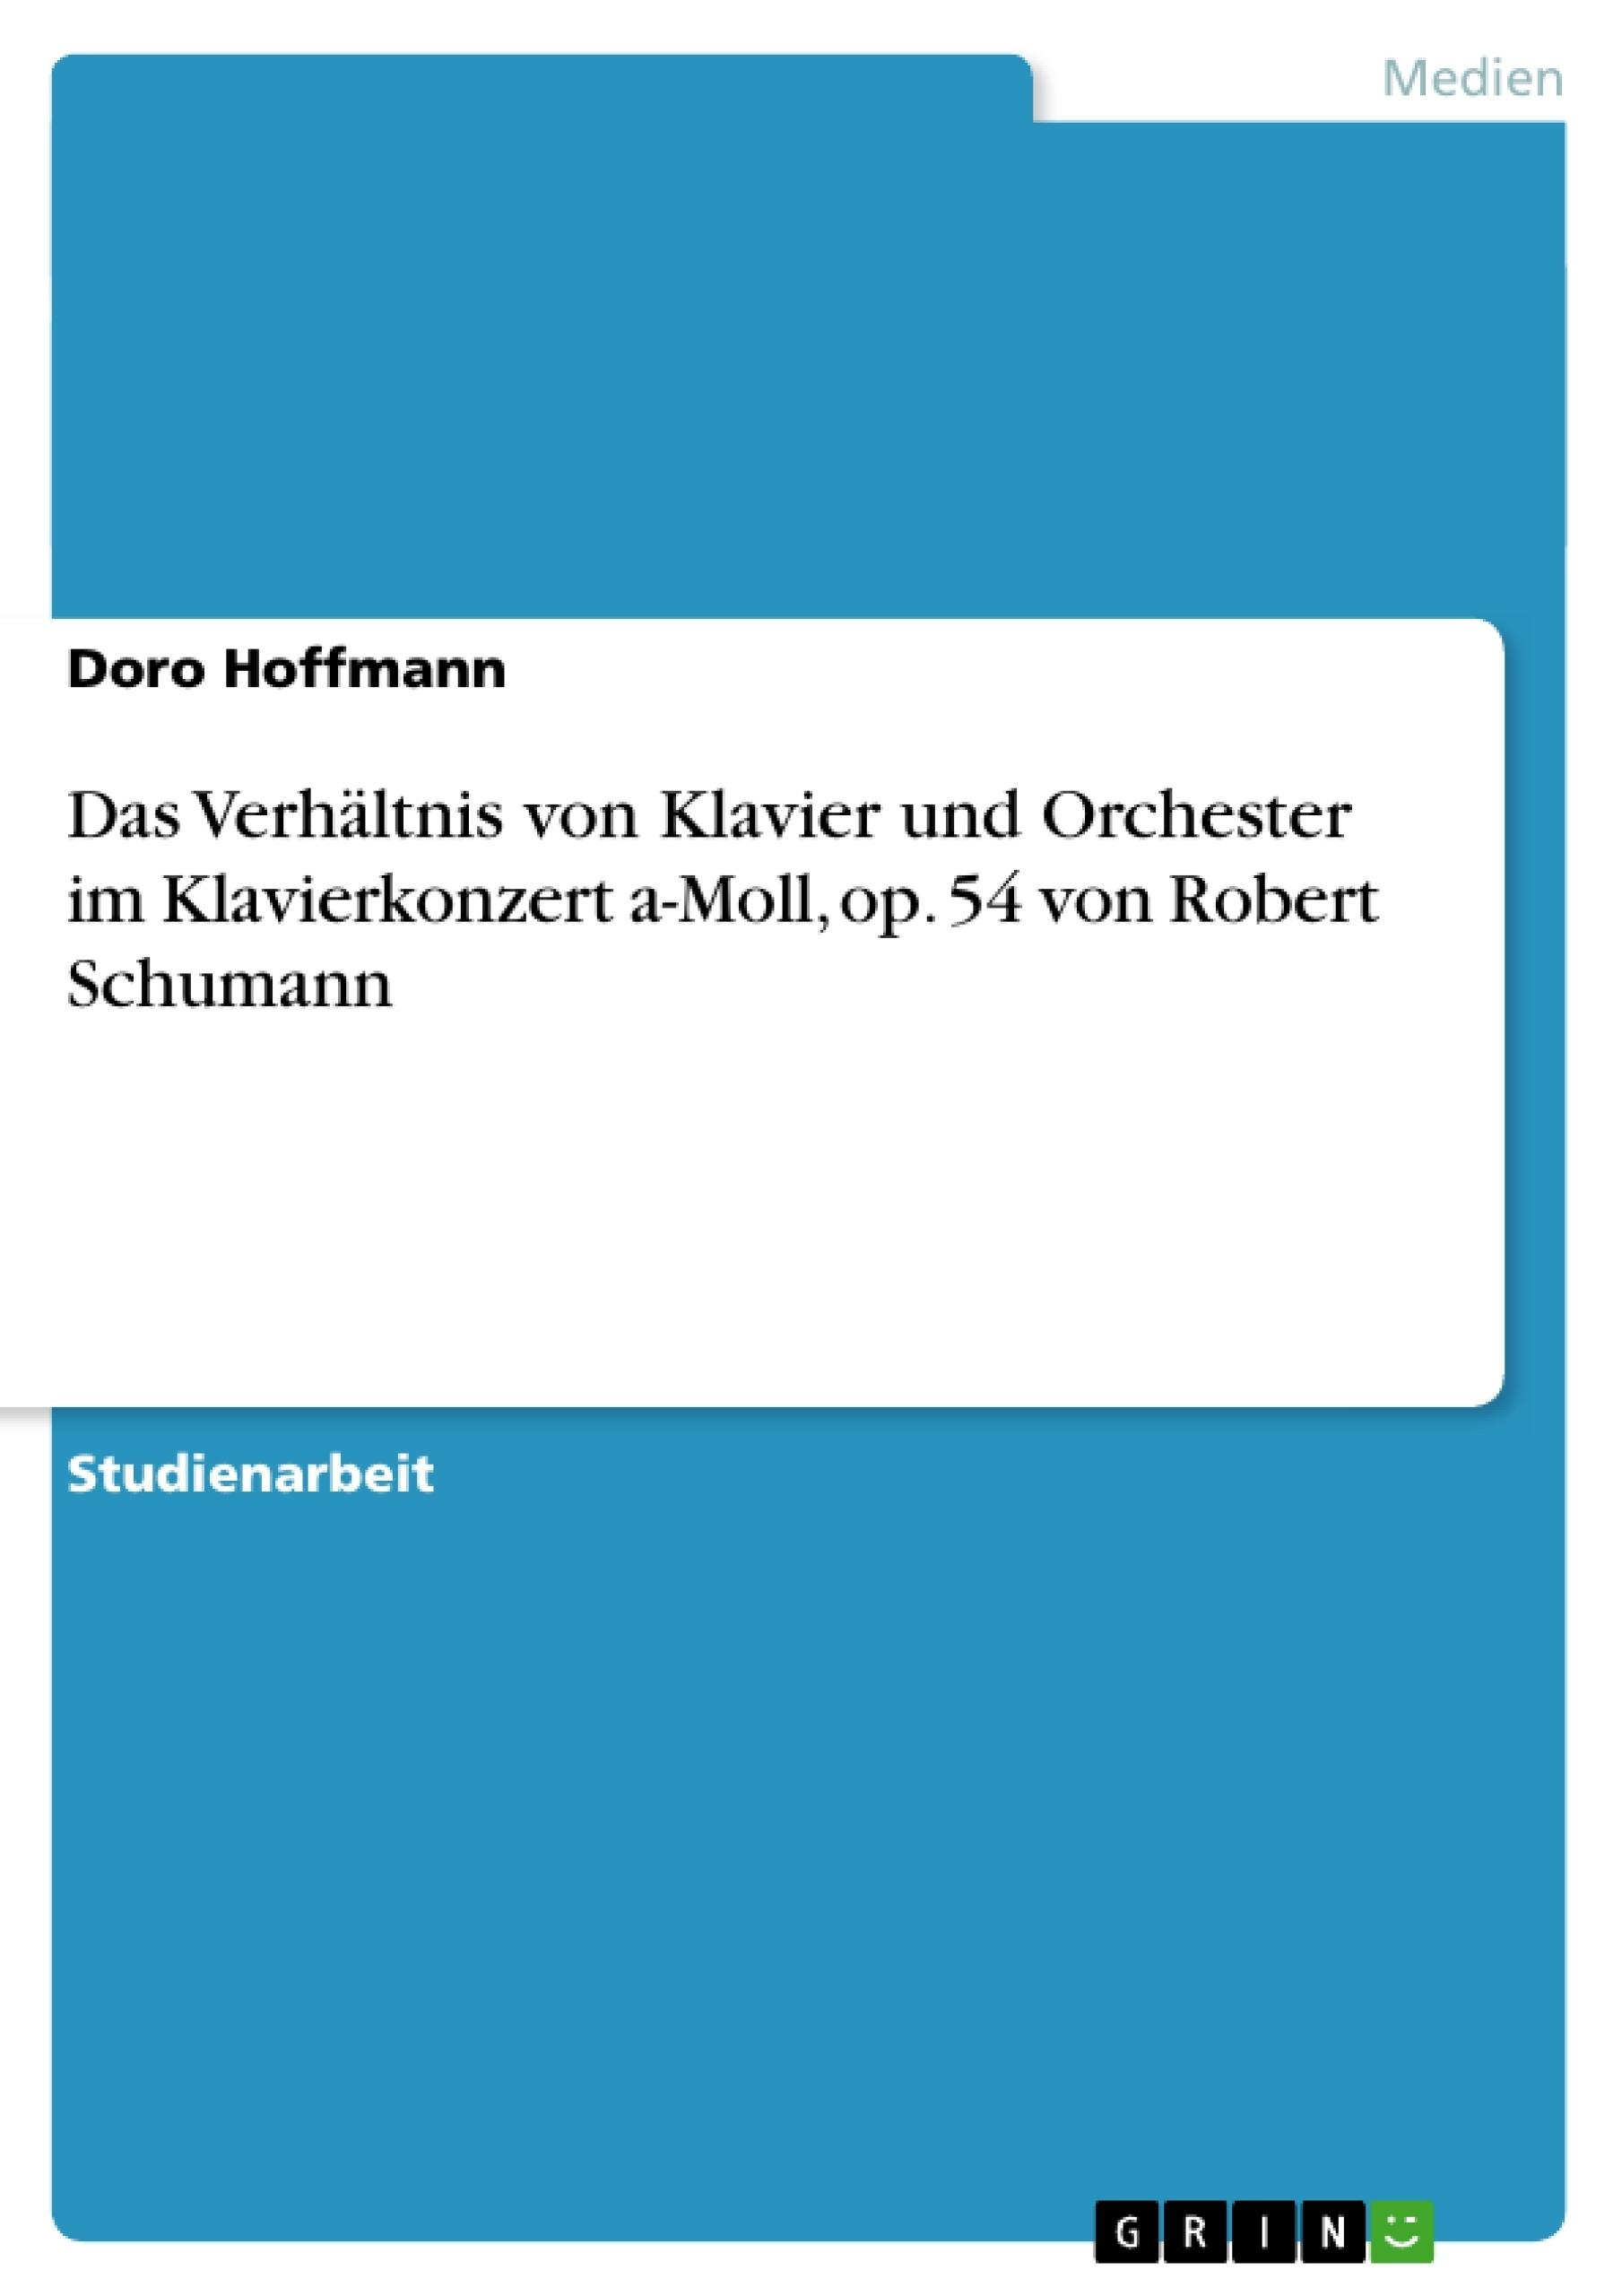 Titel: Das Verhältnis von Klavier und Orchester im Klavierkonzert a-Moll, op. 54 von Robert Schumann